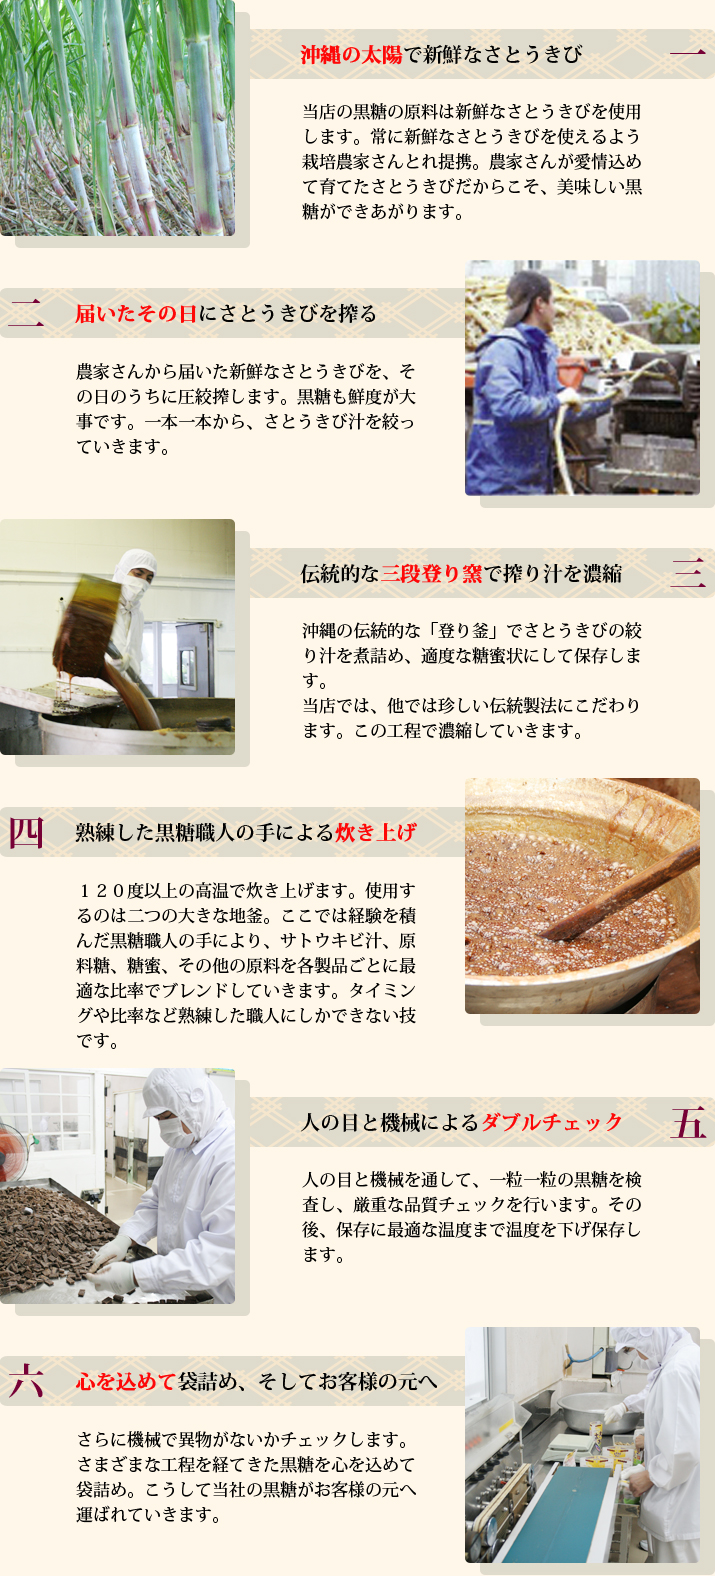 沖縄の地釜炊き黒糖